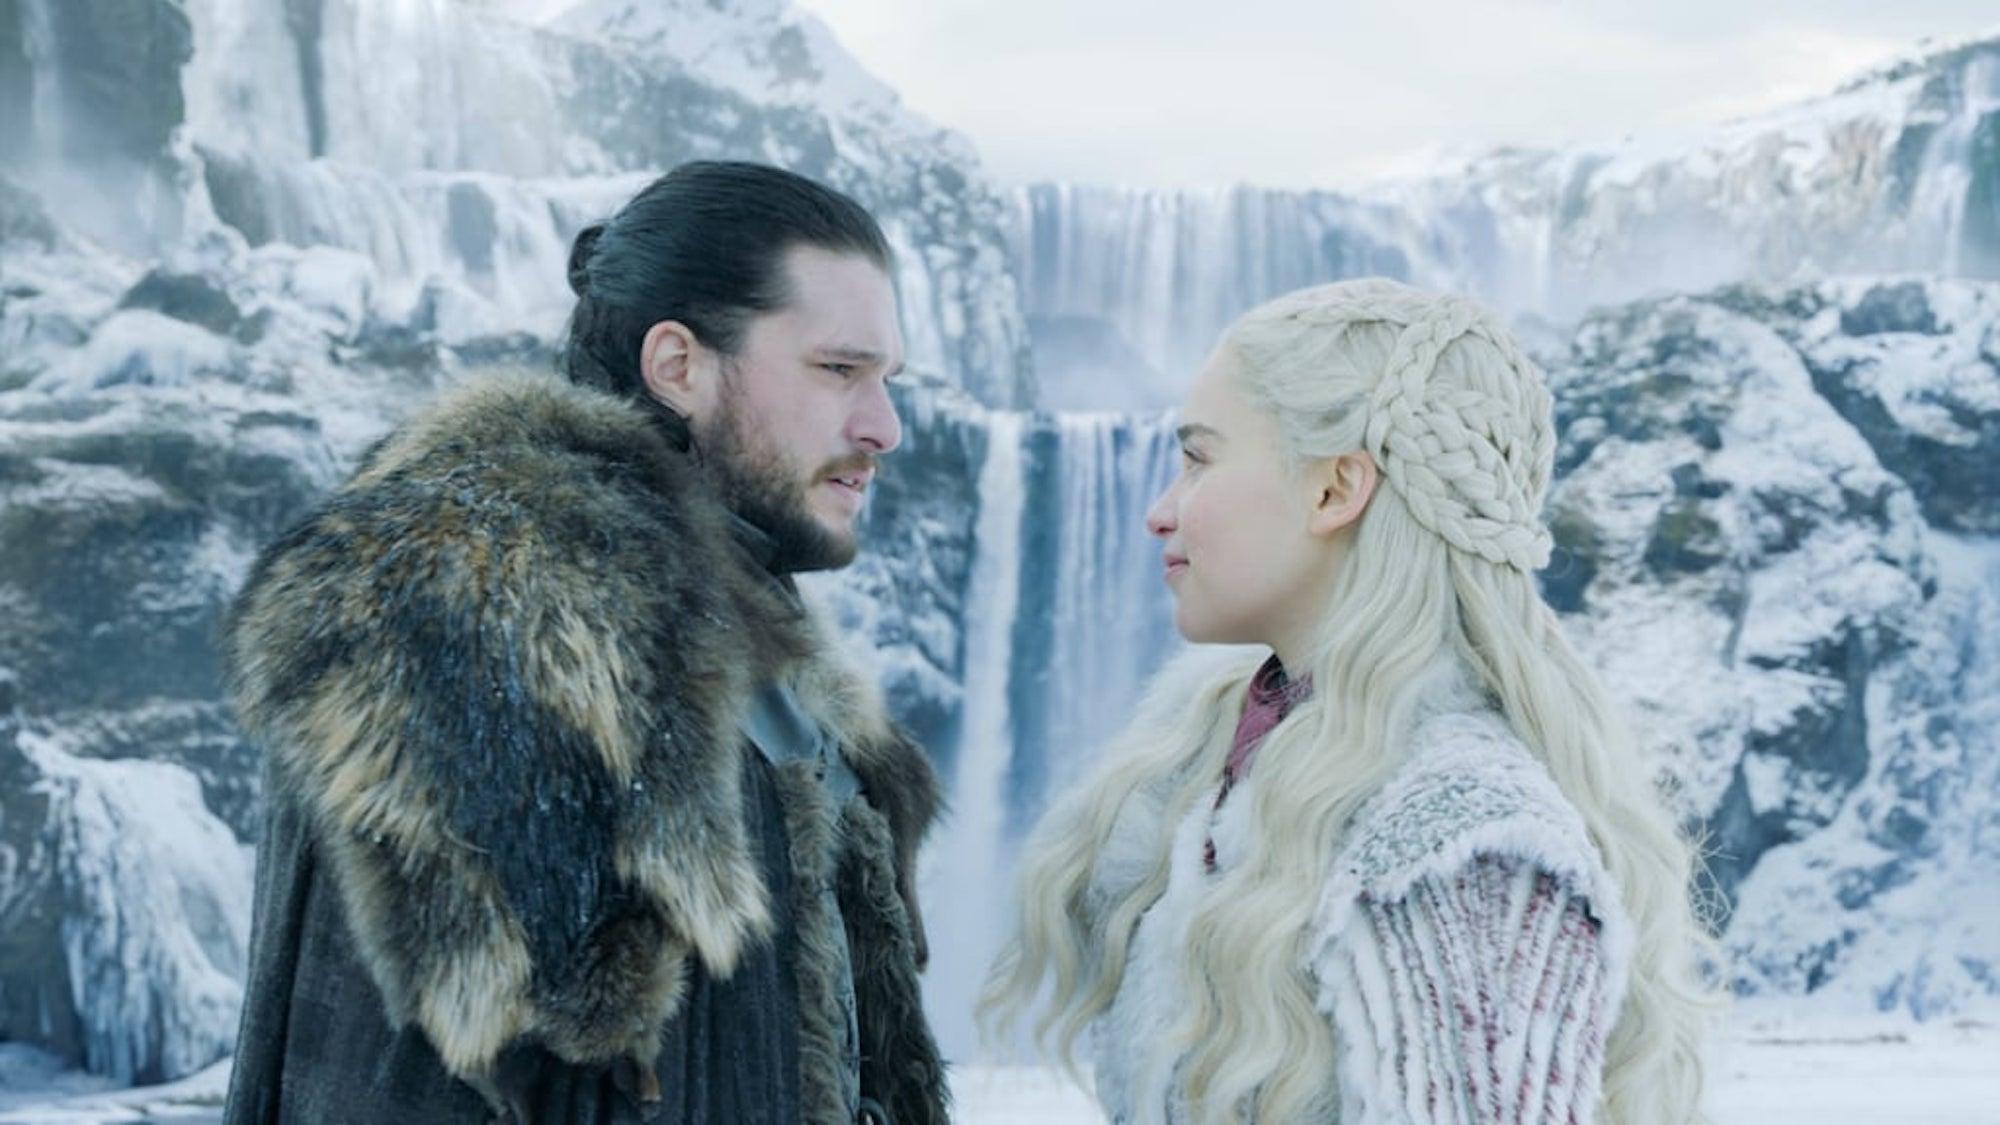 Game of Thrones: El paralelismo entre la temporada 8 y el primer episodio de la serie